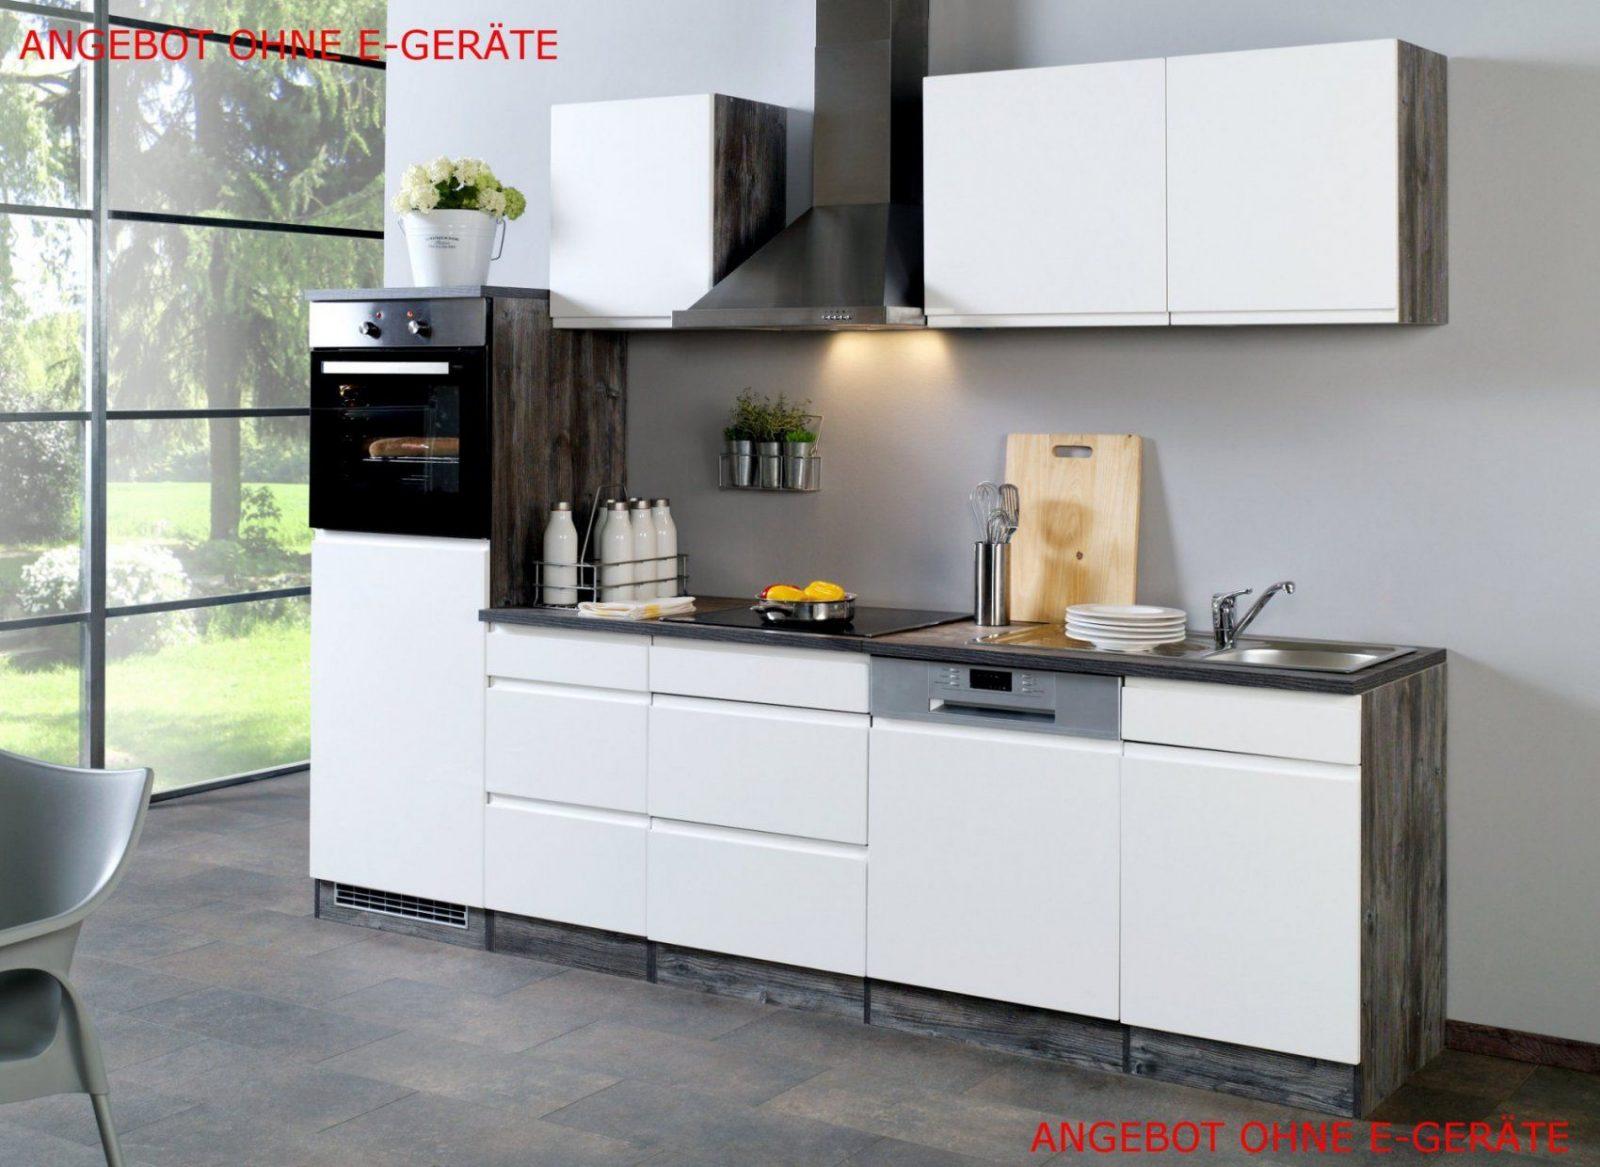 Küchenzeile Ohne Elektrogeräte  Imagenesdesalud von Küchenblock 260 Cm Mit Elektrogeräten Bild